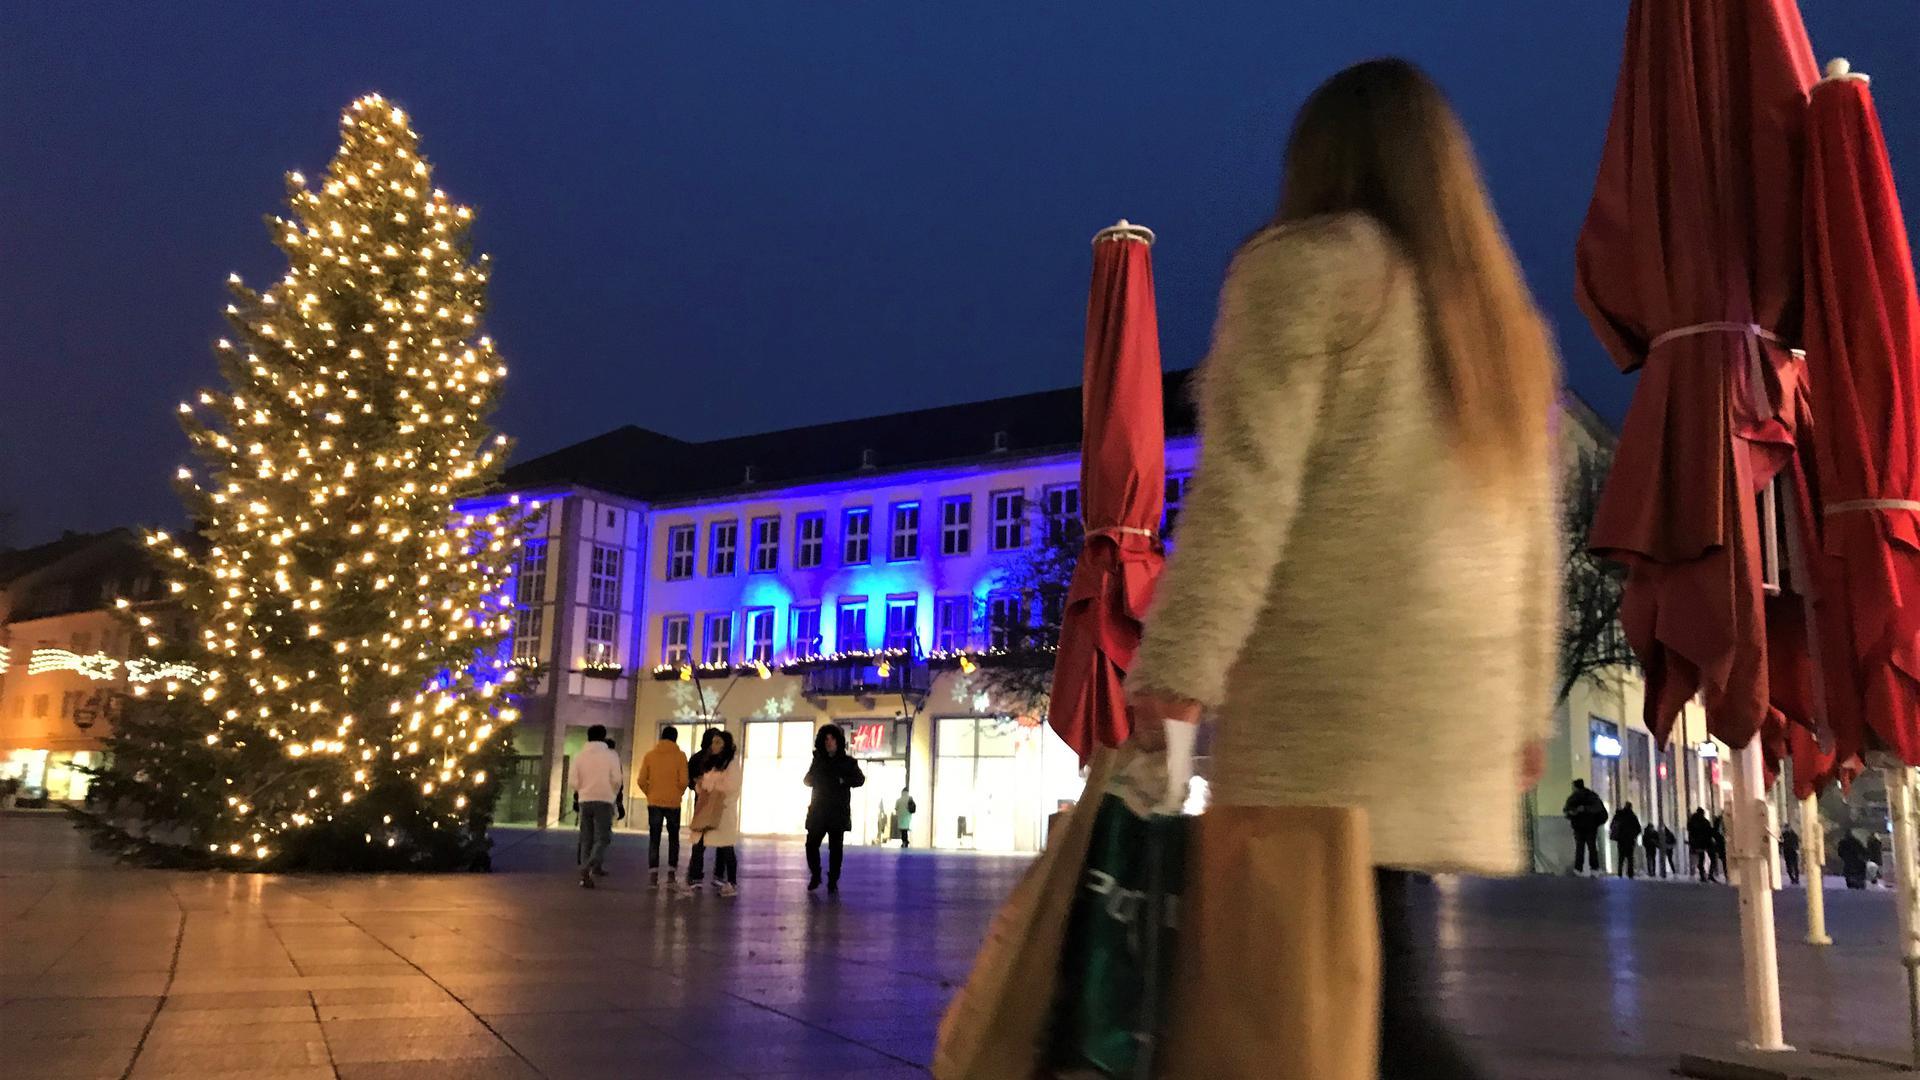 Eine Frau läuft mit mehreren Einkaufstaschen auf den Weihnachtsbaum auf dem Bruchsaler Marktplatz zu.